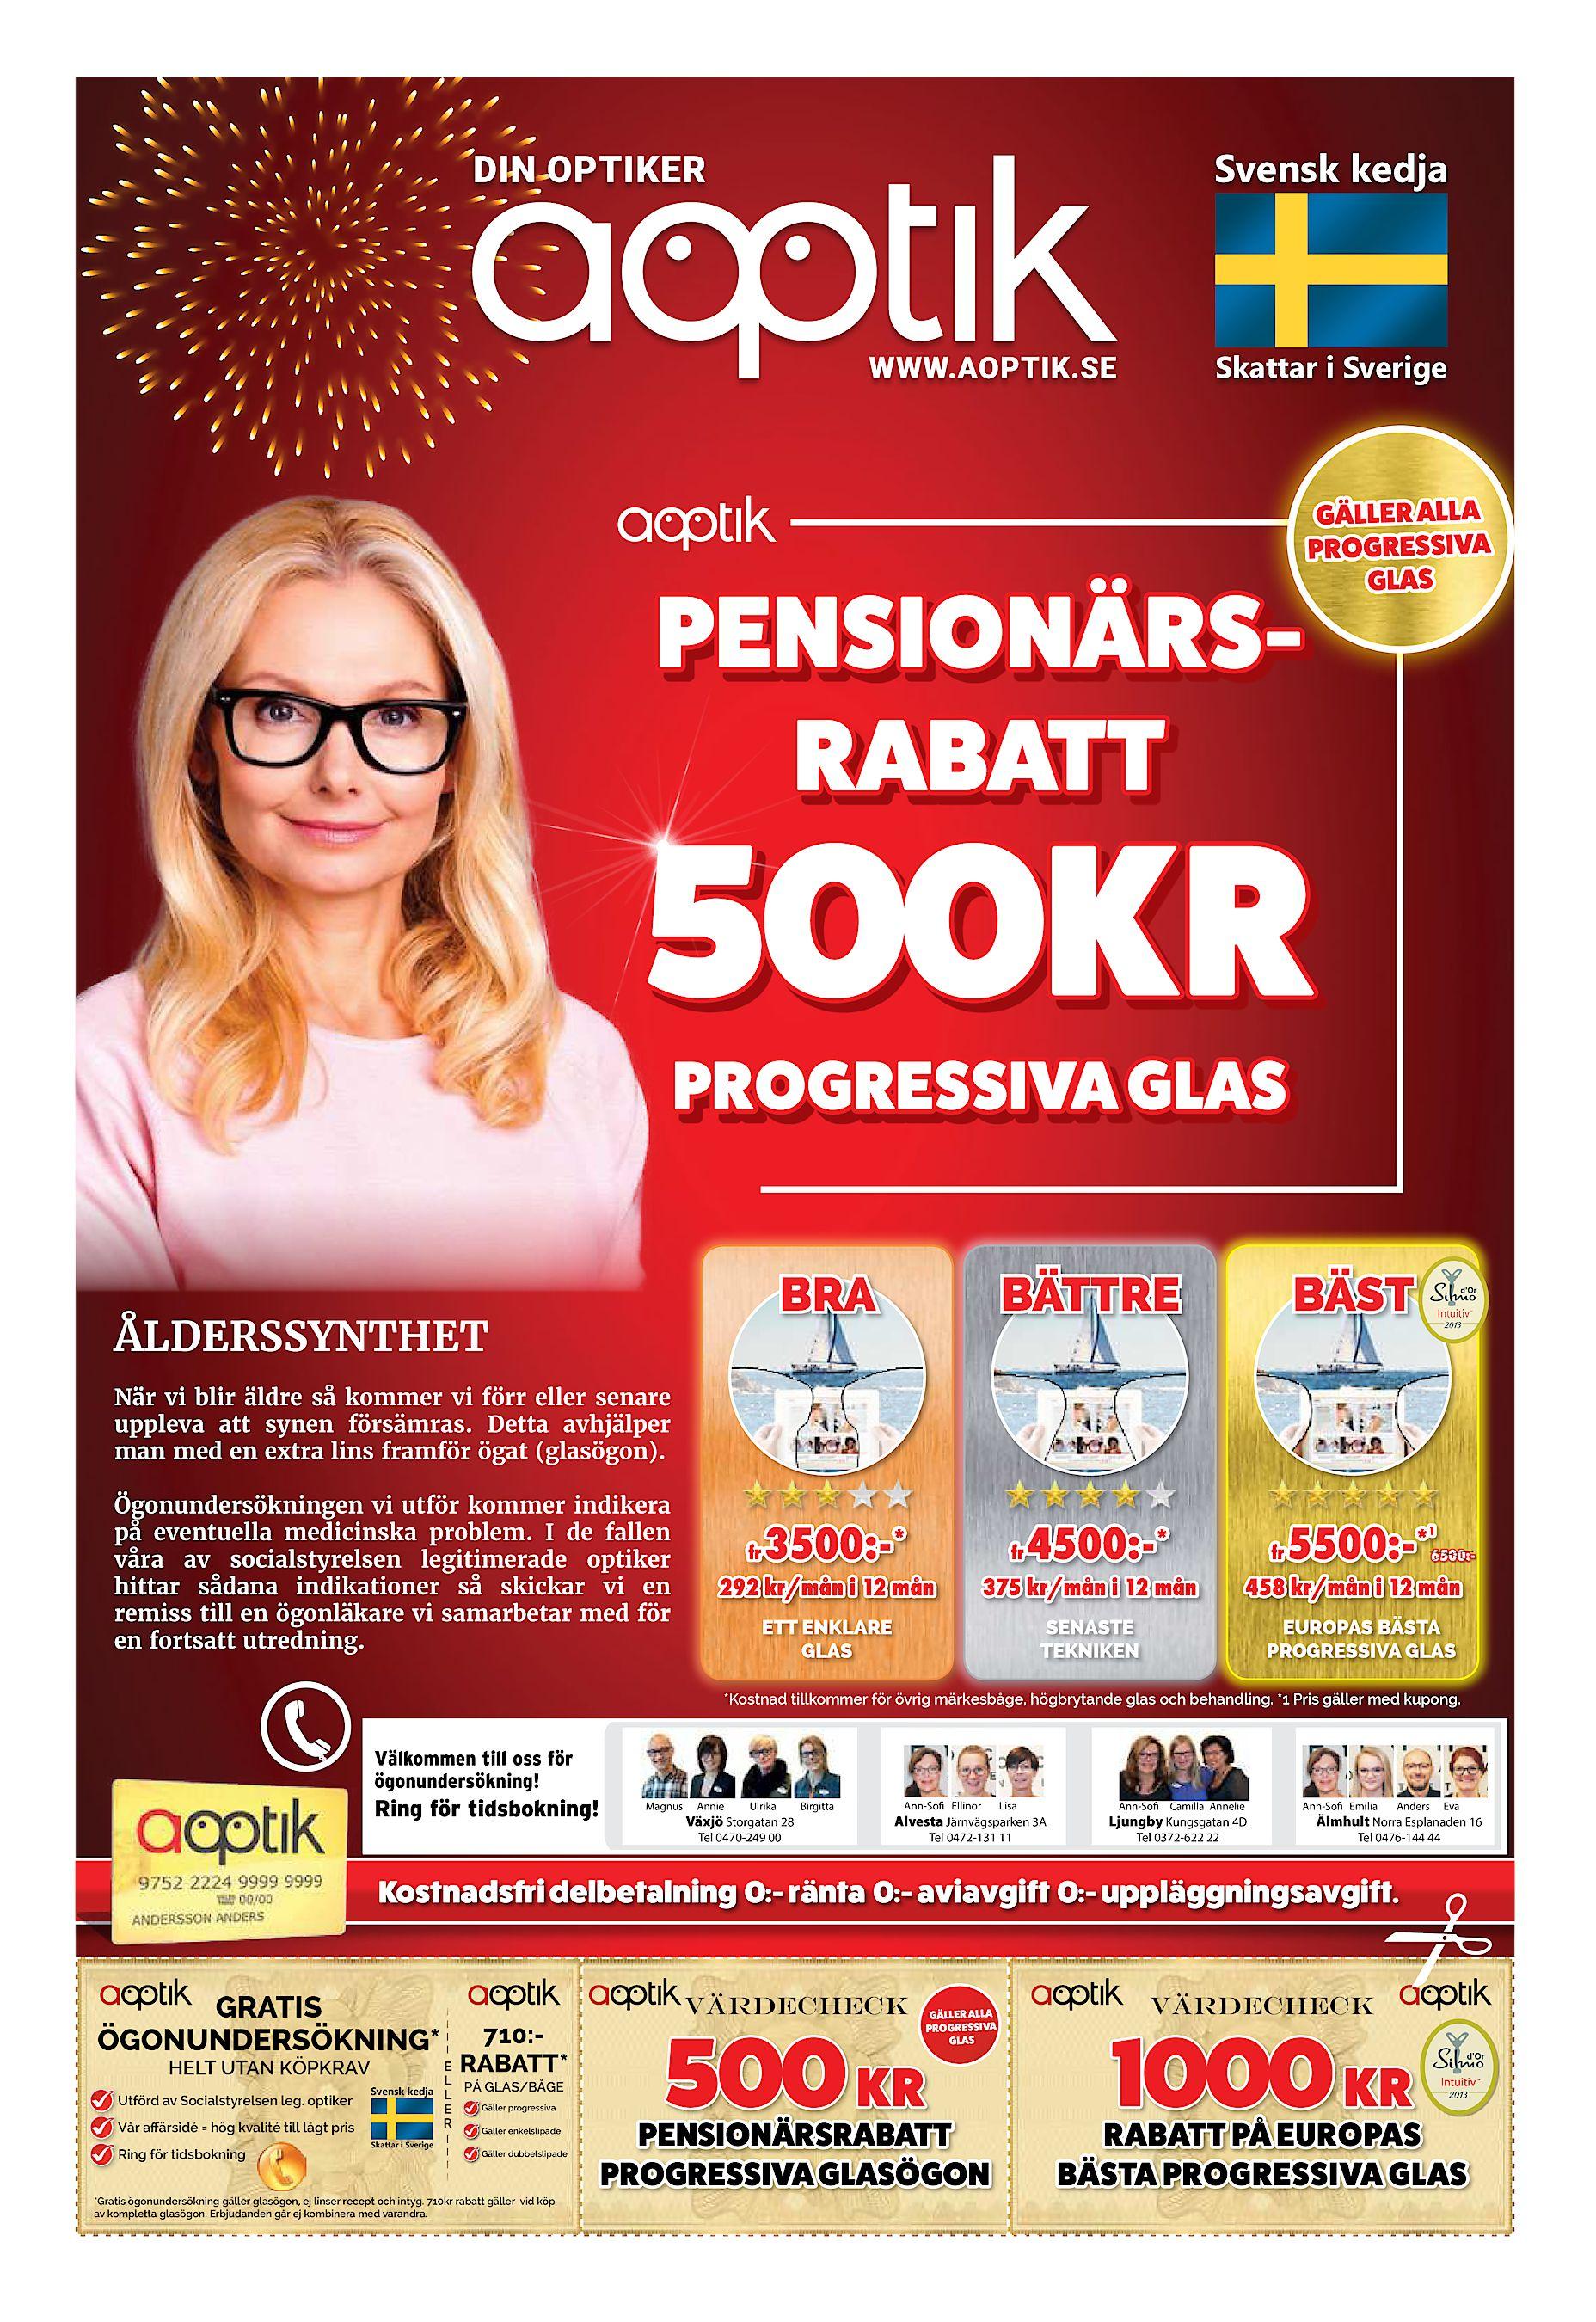 SE PENSIONÄRSRABATT GÄLLER ALLA PROGRESSIVA GLAS 500KR PROGRESSIVA GLAS BRA  ÅLDERSSYNTHET BÄTTRE BÄST Intuitiv TM När vi blir äldre så kommer vi förr  ... abaa7be0ea65f